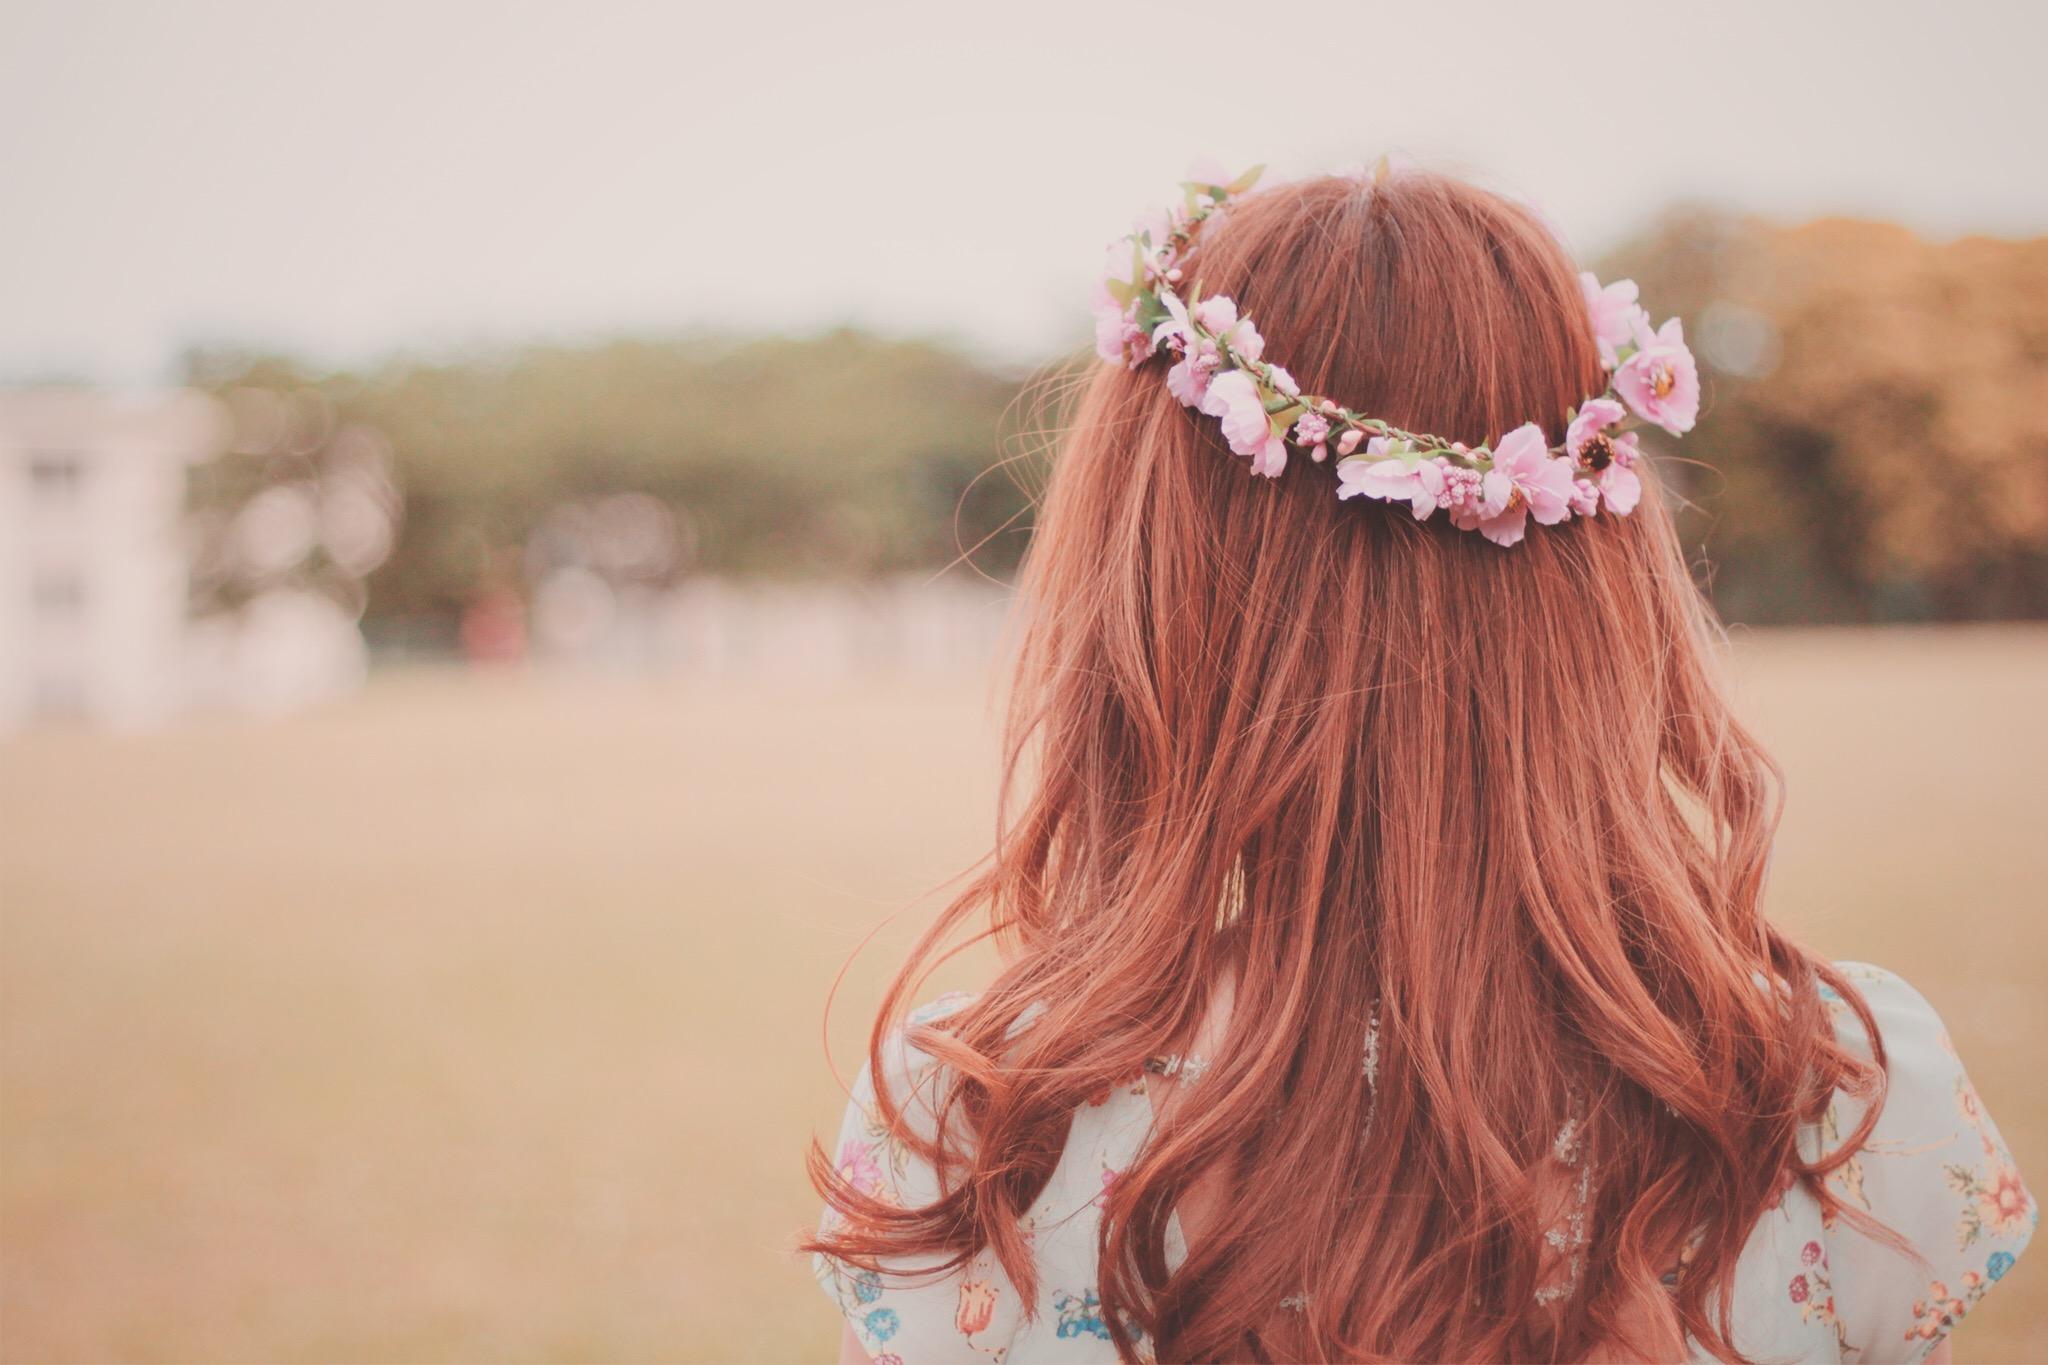 様々に楽しみたいロリィタのウィッグ。選ぶなら、絶対この髪型!